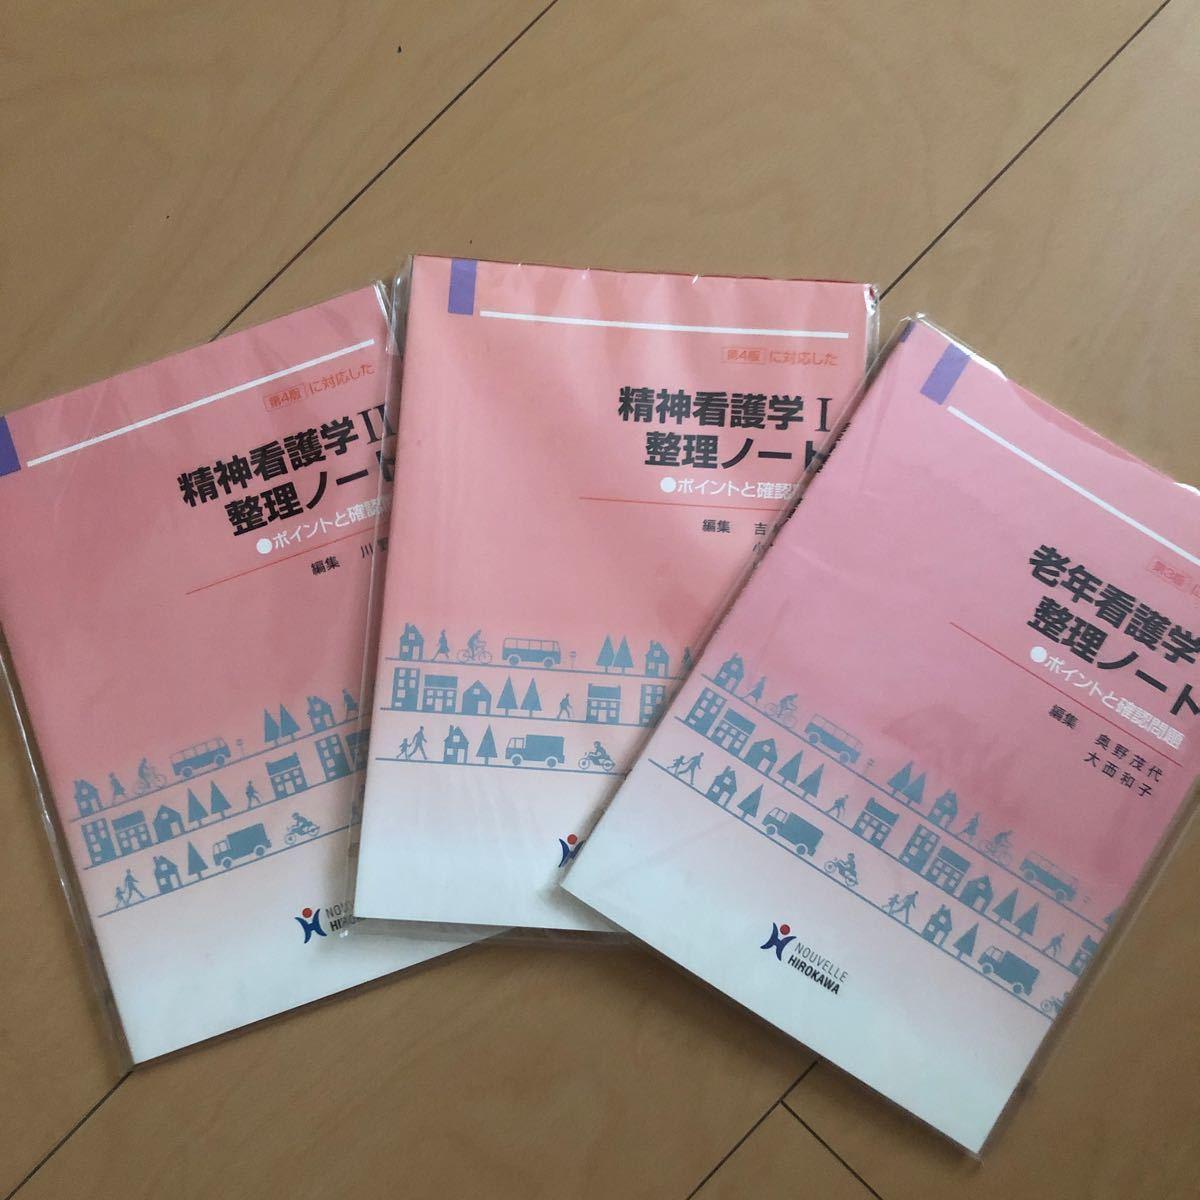 看護師 国家試験 問題集 参考書 看護学校 精神看護 2冊セット+おまけ一冊